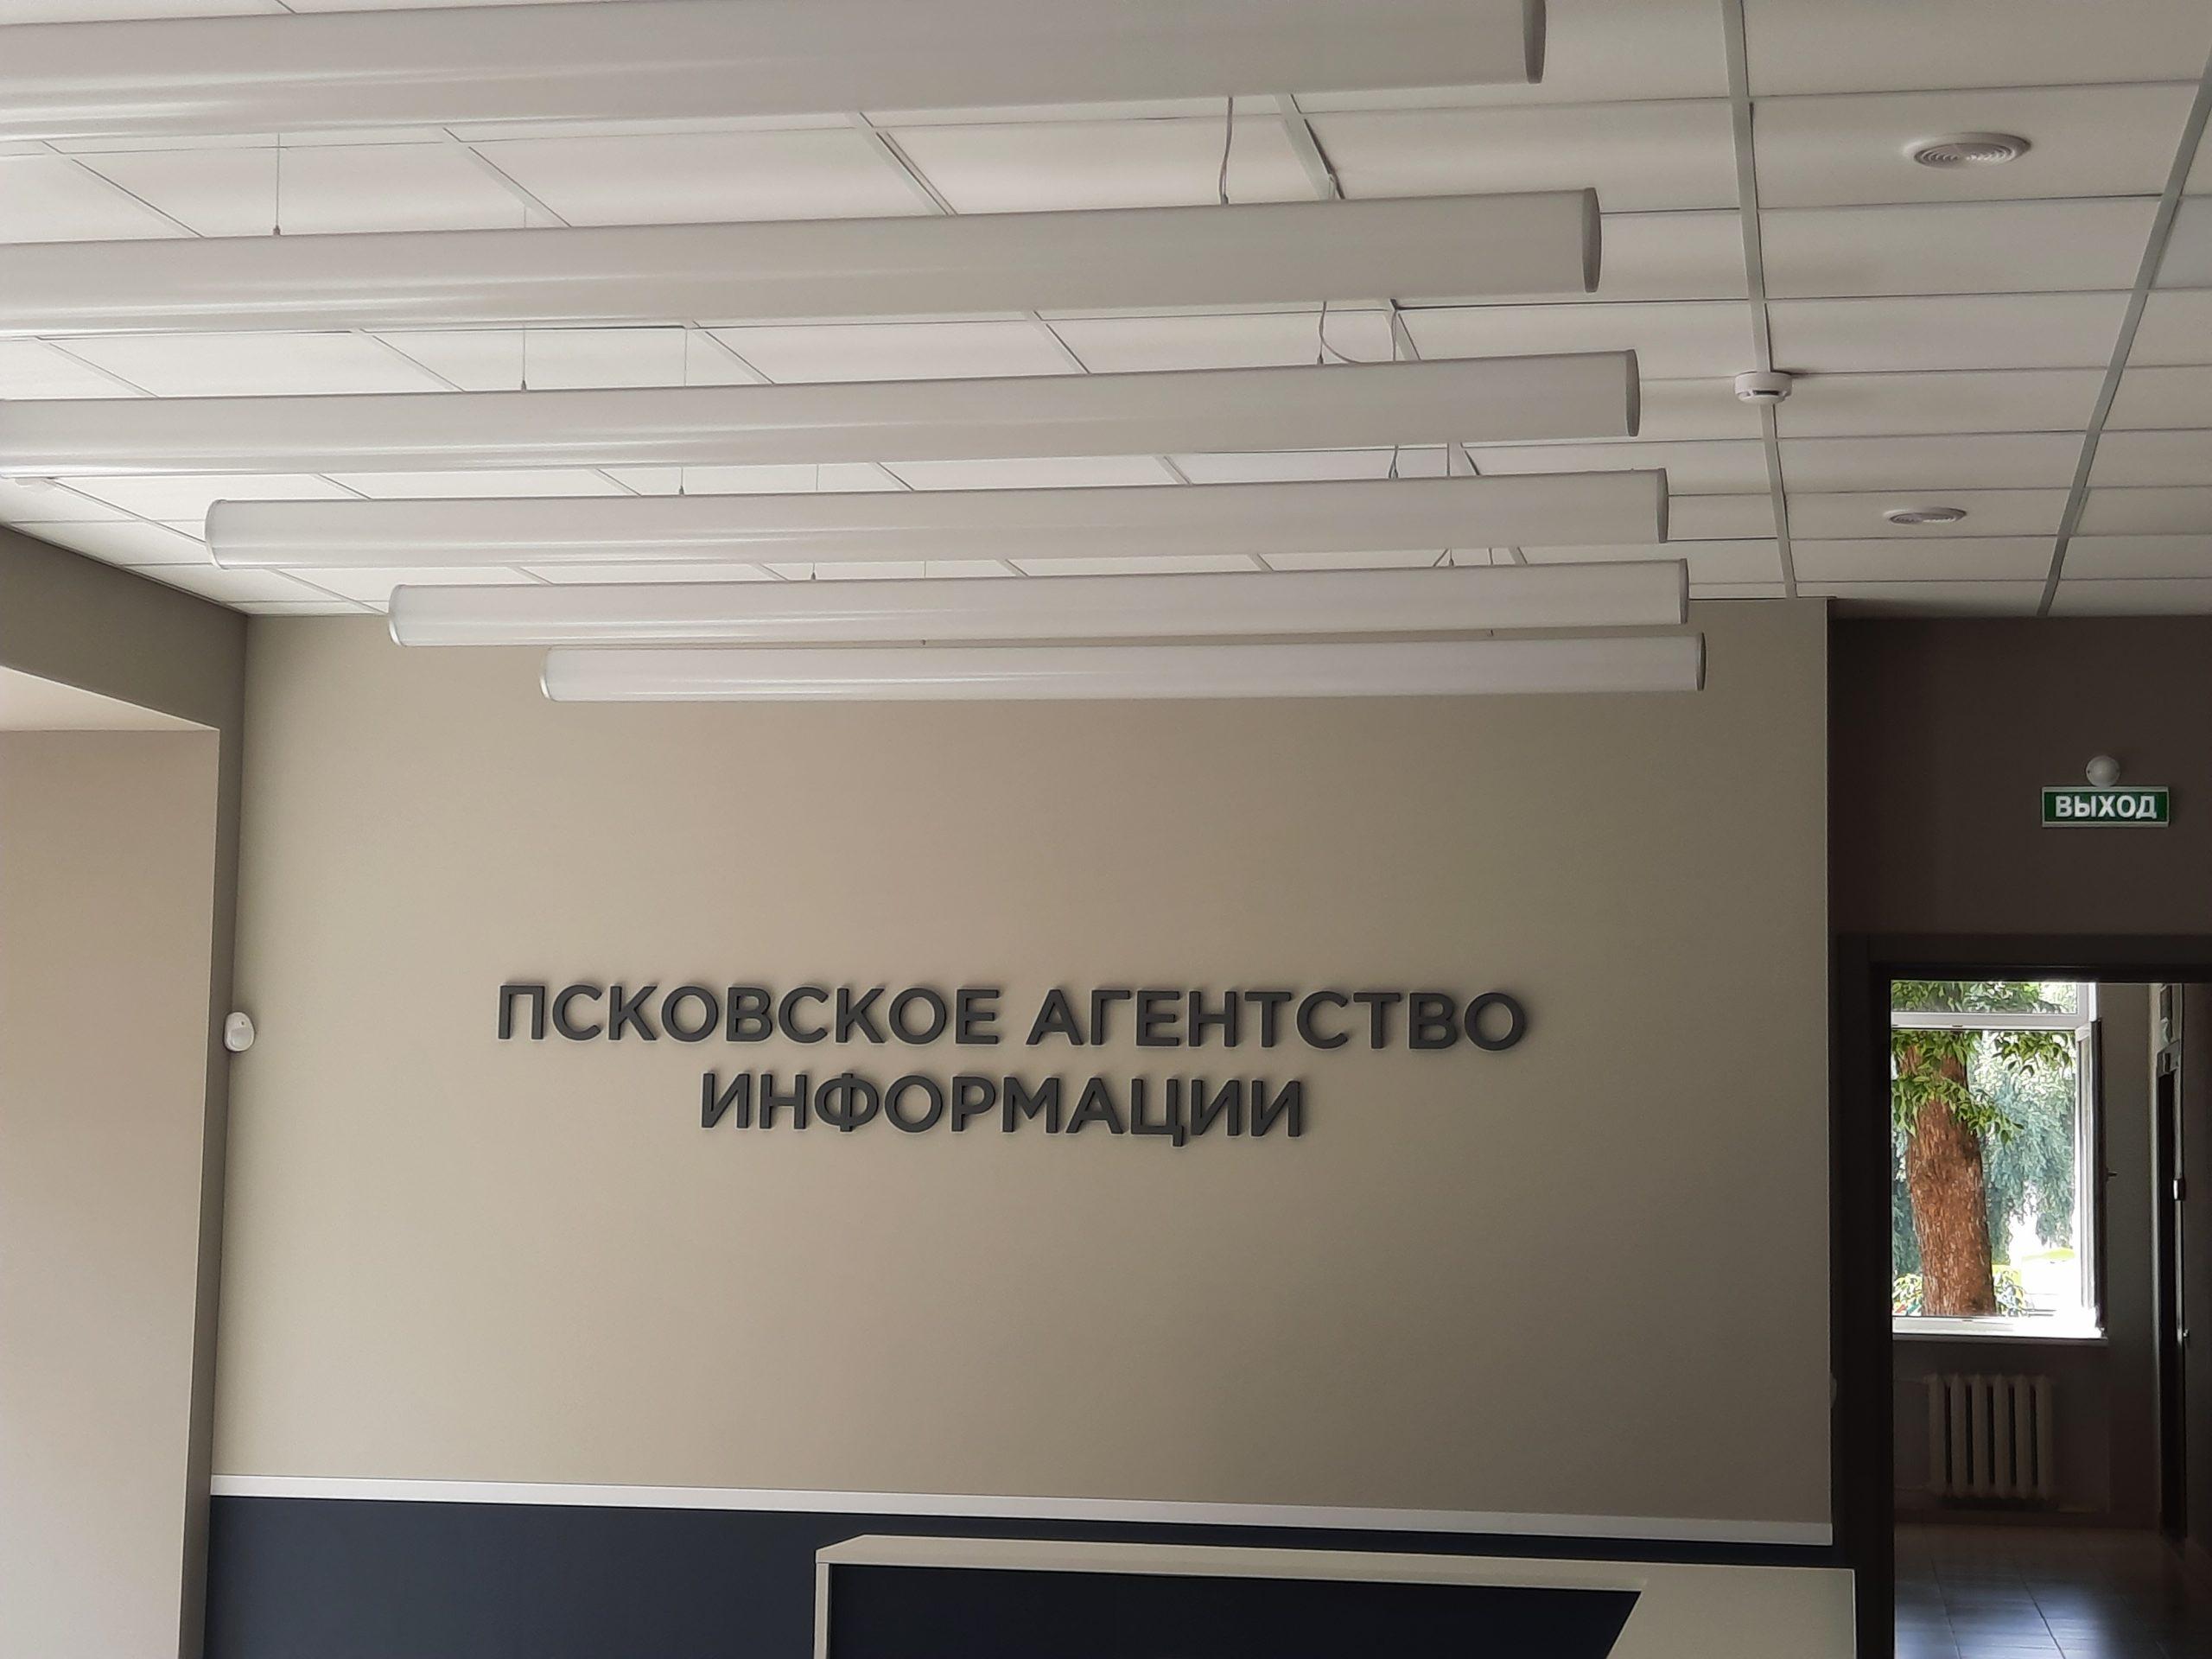 От теории к практике: студенты факультета журналистики посетили Псковское агентство информации 15